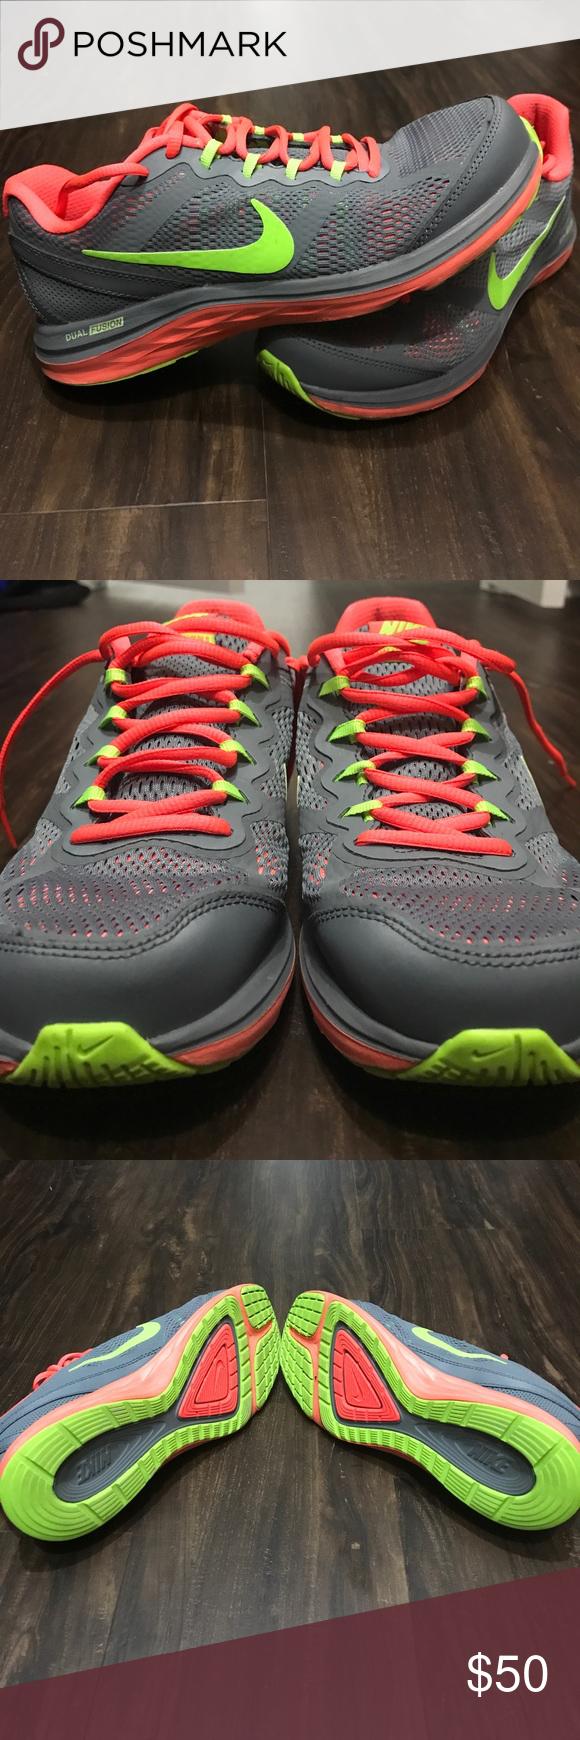 Nike Dual Fusion Sneaker Tennis Shoe Nike Dual Fusion Tennis Shoes Sneakers Green Nike Shoes